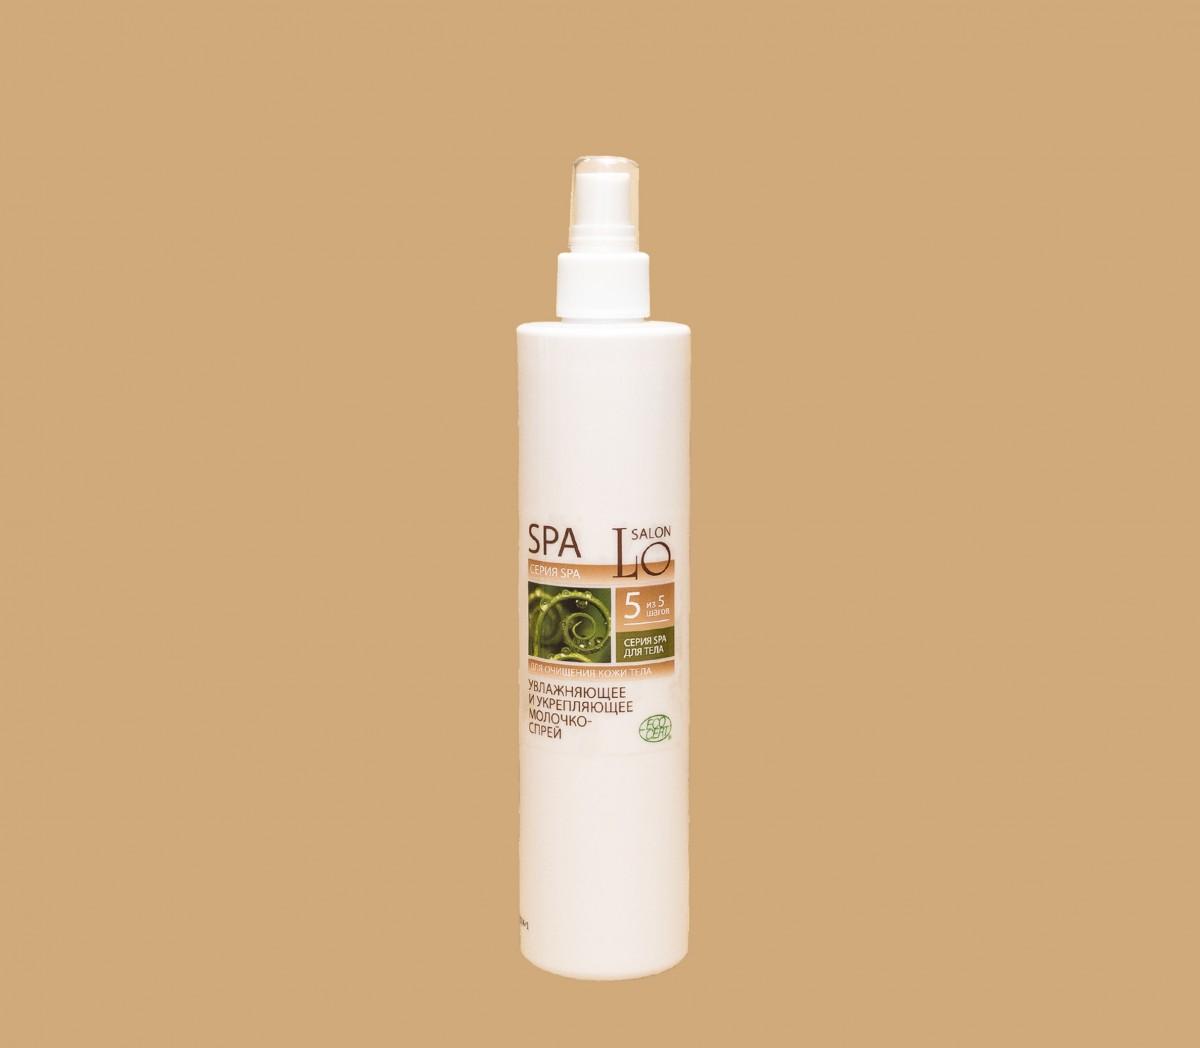 5 шаг. Увлажняющее и укрепляющее  молочко-спрей для кожи тела. 350 мл.